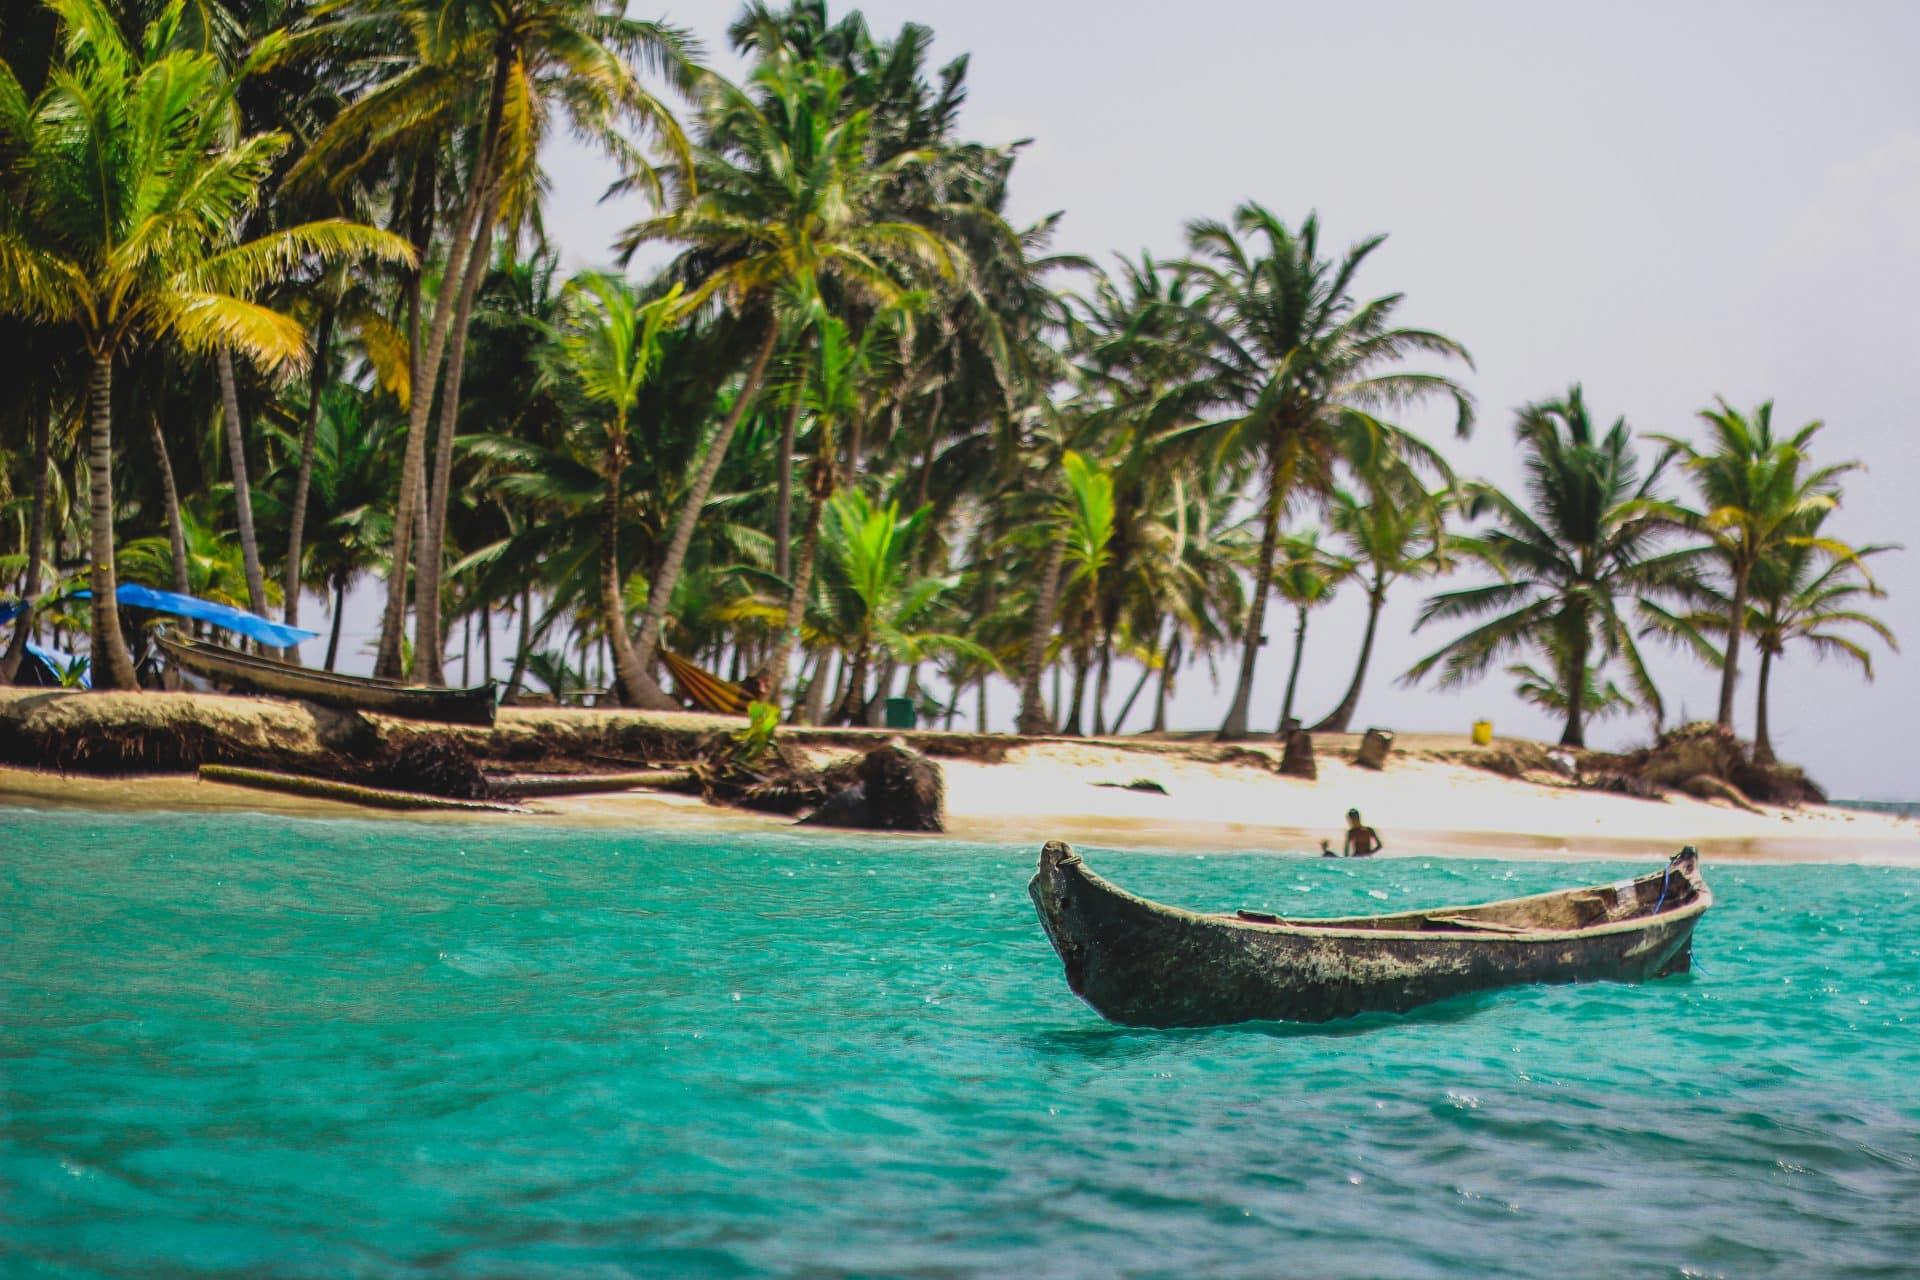 Quoi visiter durant votre stage au Panama ?